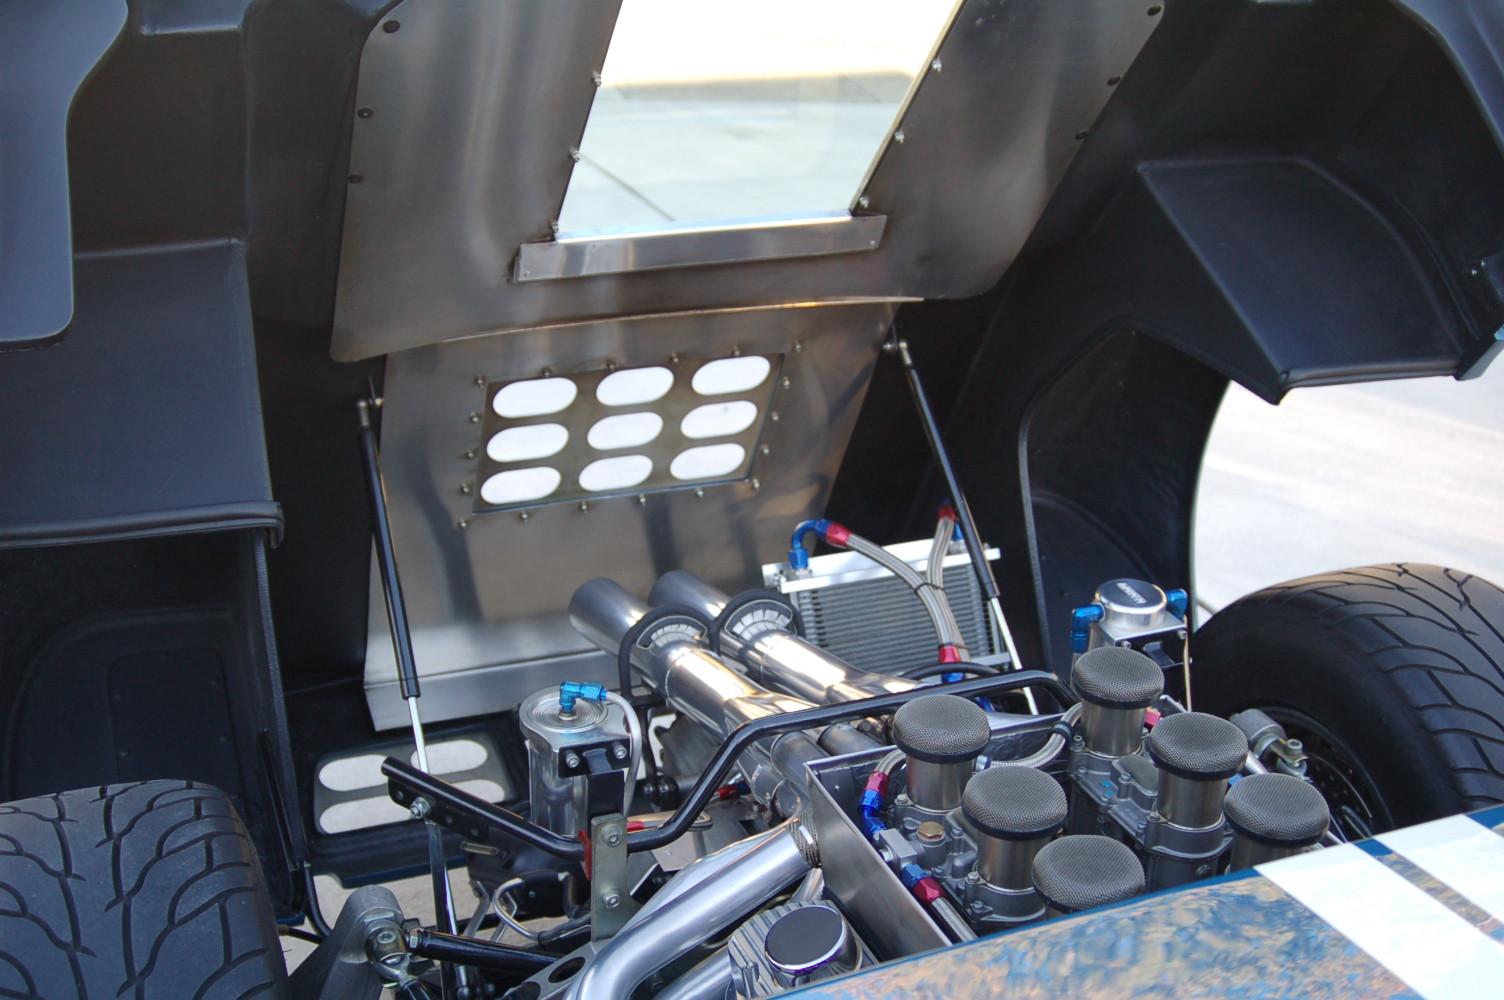 Rear Clip heat shield pictures, please-fl-13-172-jpg